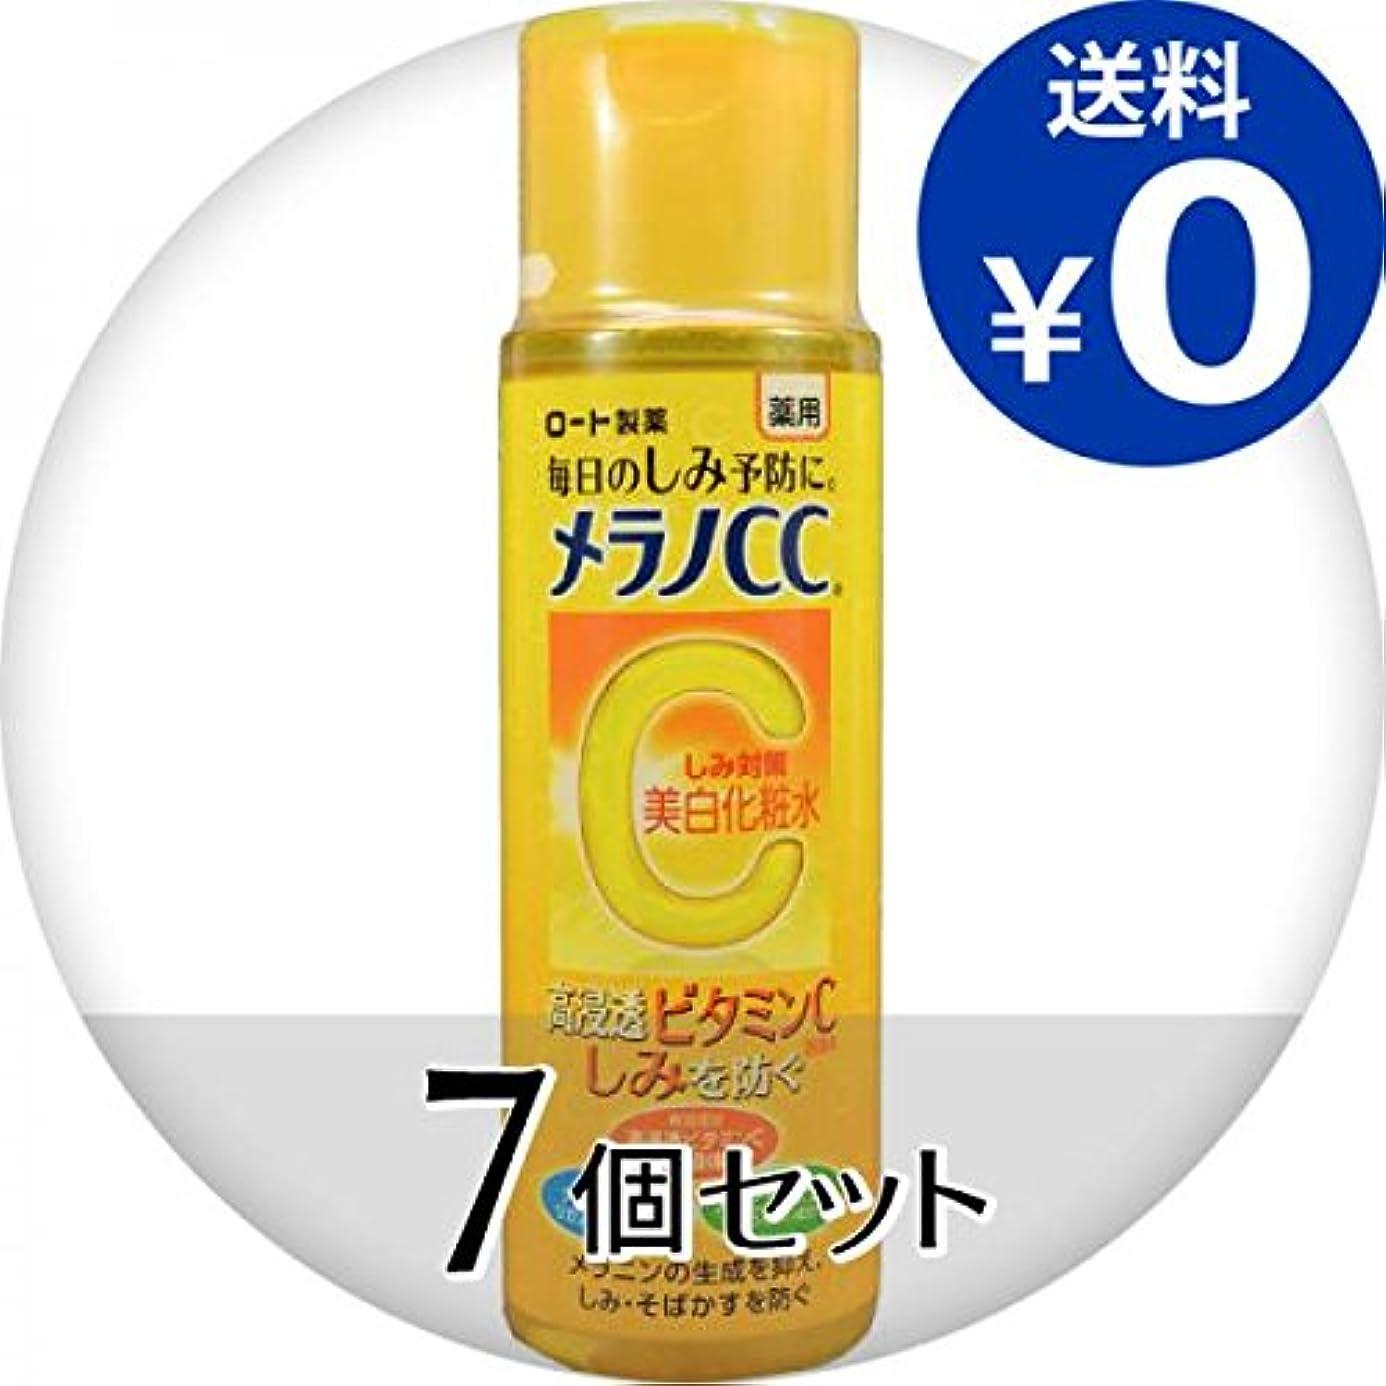 防止最適見習い【セット品】メラノCC 薬用しみ対策 美白化粧水 170mL (医薬部外品) ×7個